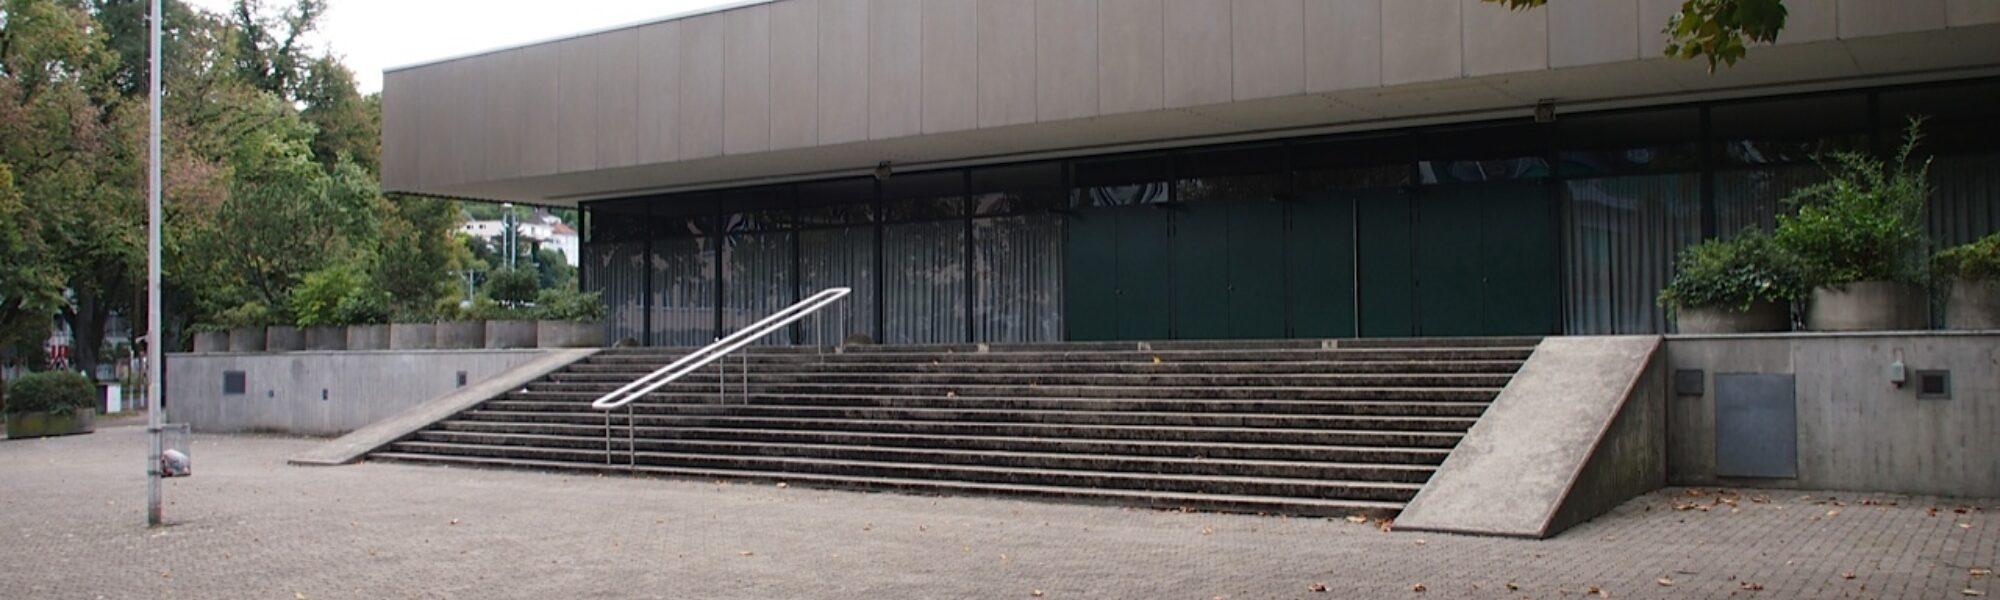 Sporthalle Schachen